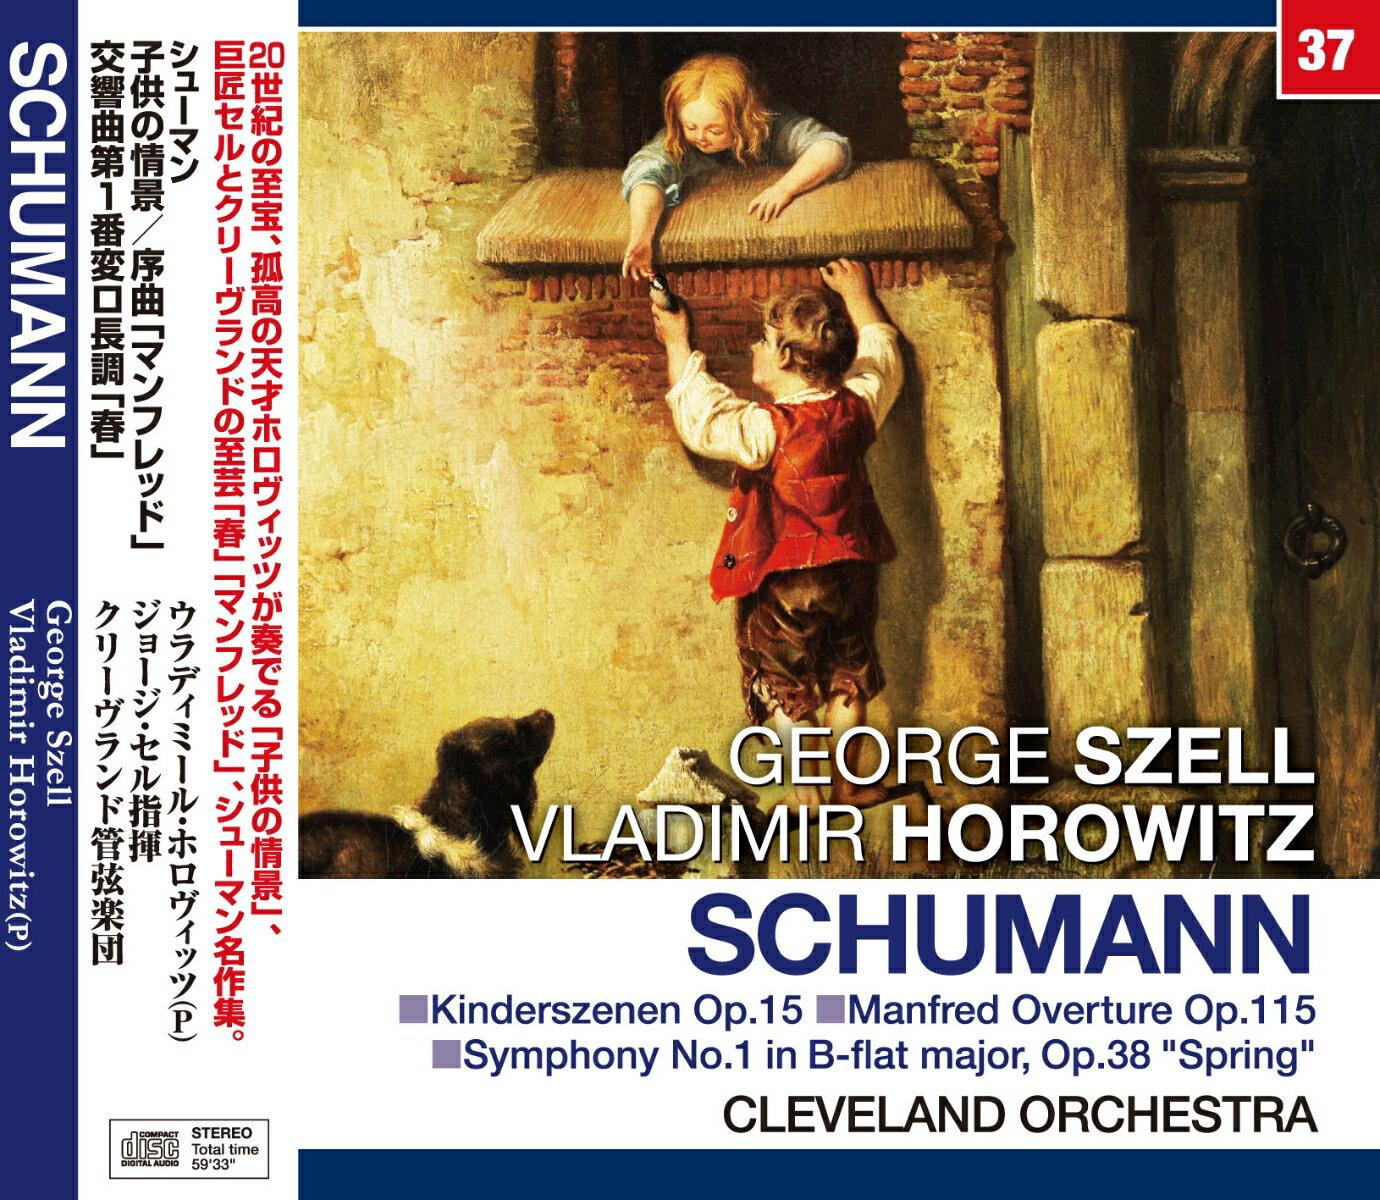 ホロヴィッツ/ジョージ・セル/シューマン:子供の情景・交響曲第1番「春」/他[NAGAOKACLAS